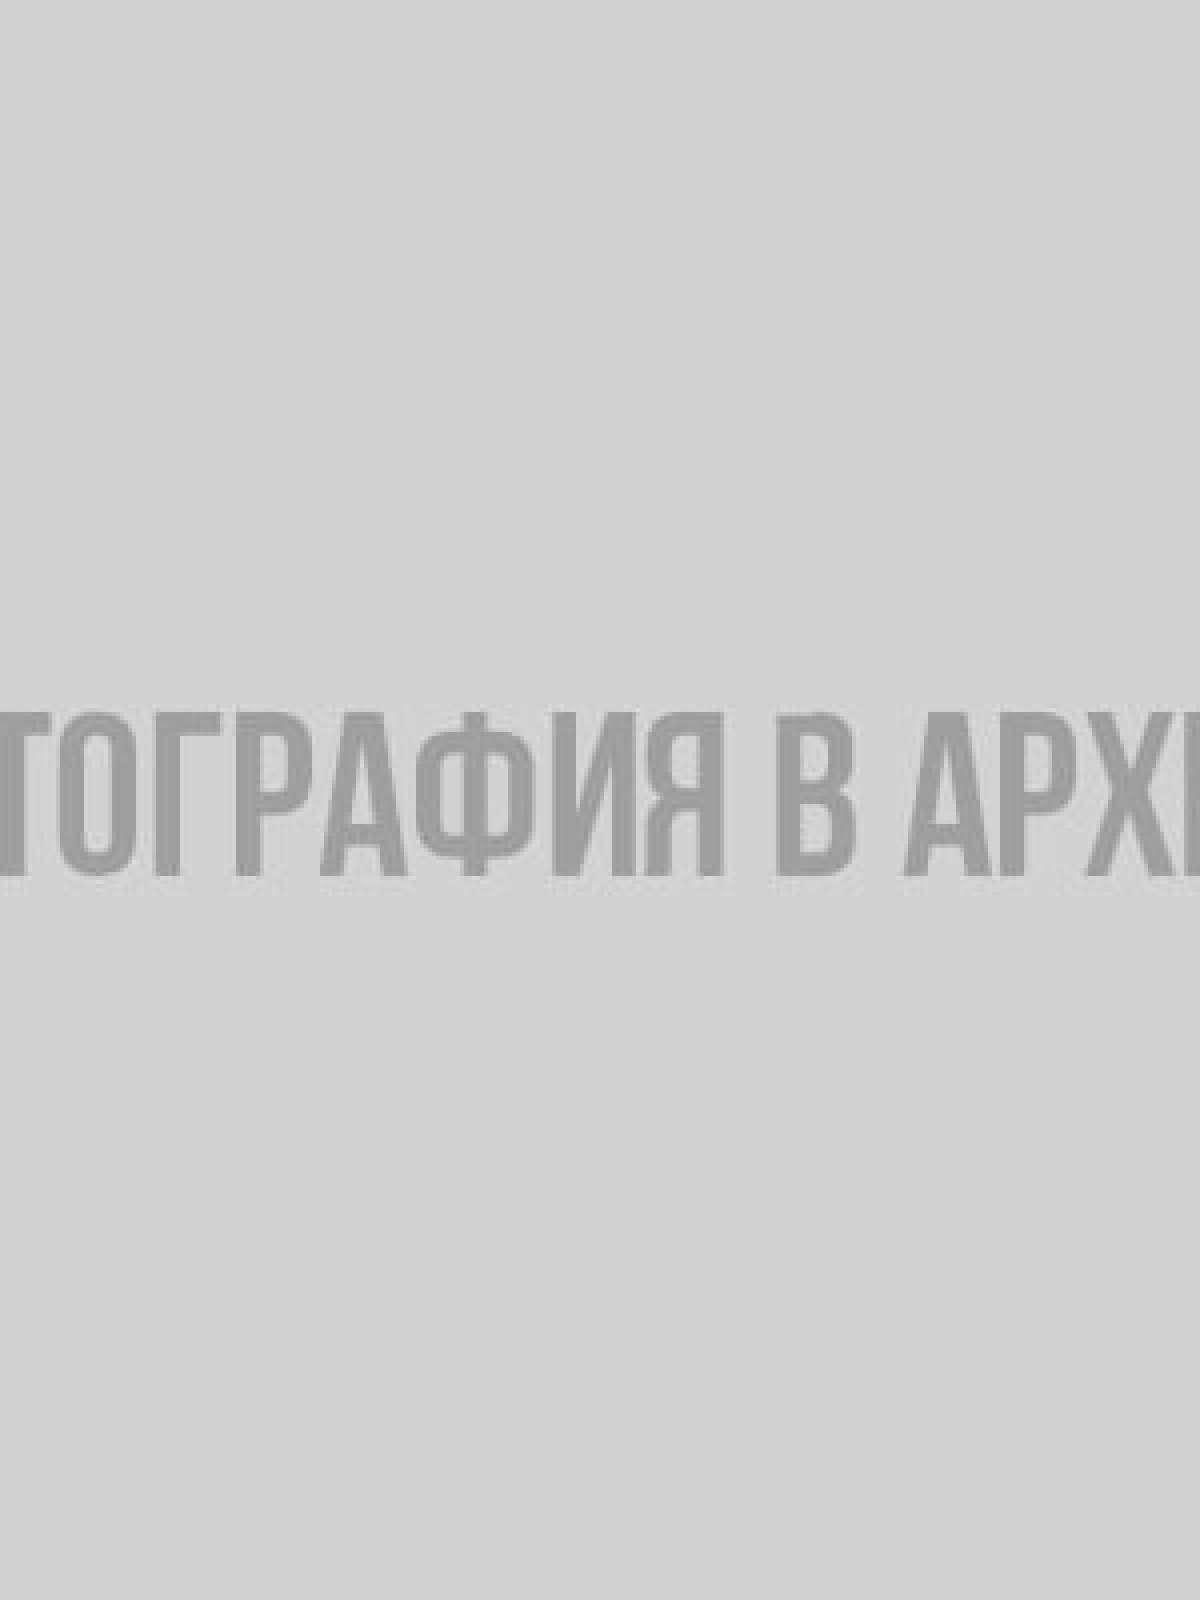 Автомобиль насмерть сбил велосипедиста под Тихвином - очевидцы Тихвинский район, сбил велосипедиста, Ленобласть, ДТП